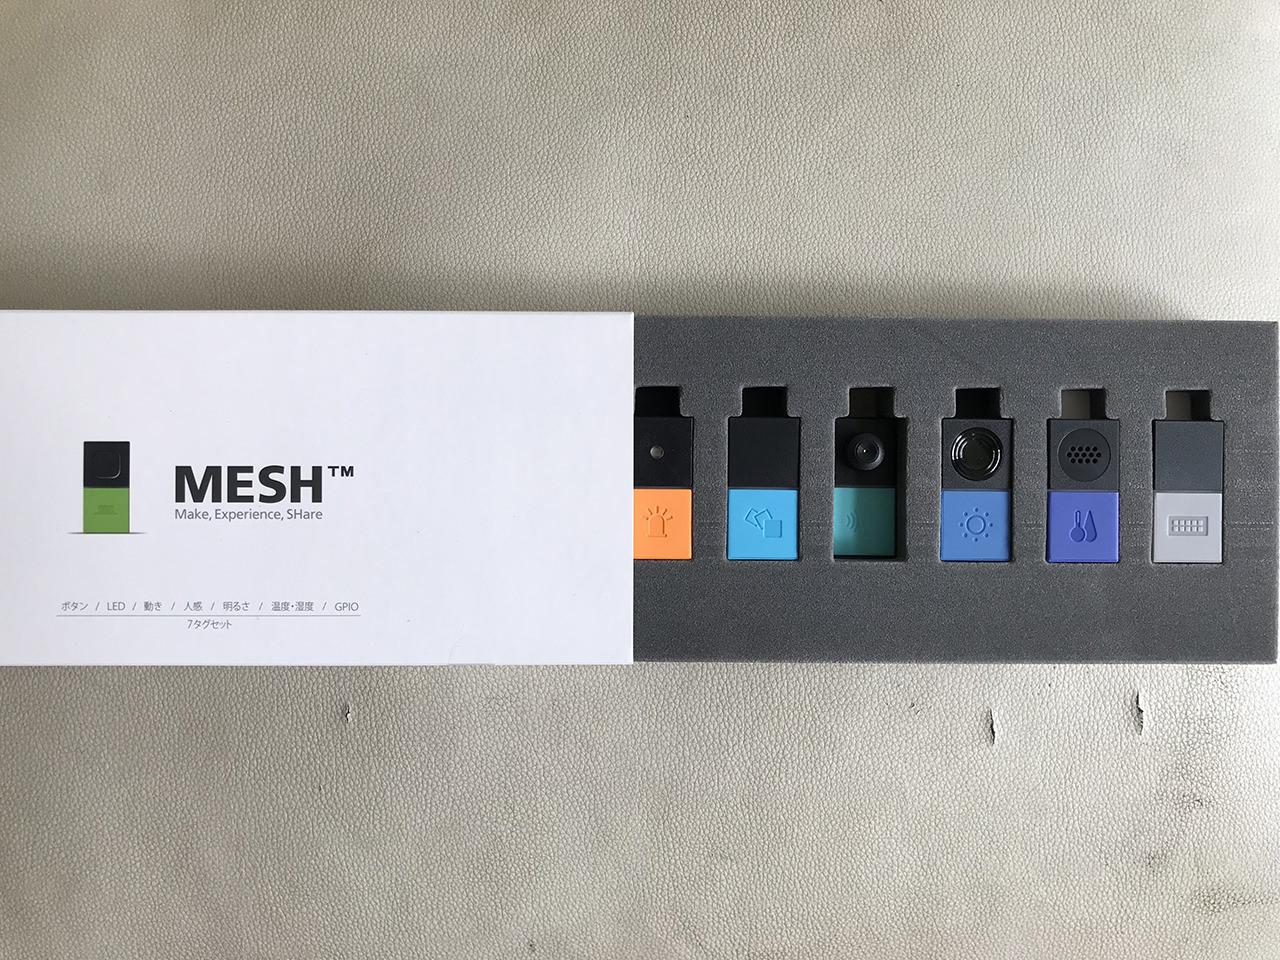 盛り上げ役の良き隣人、MESHを使った「PartyTime」完成!(FAB 3D CONTEST 2018応募作)